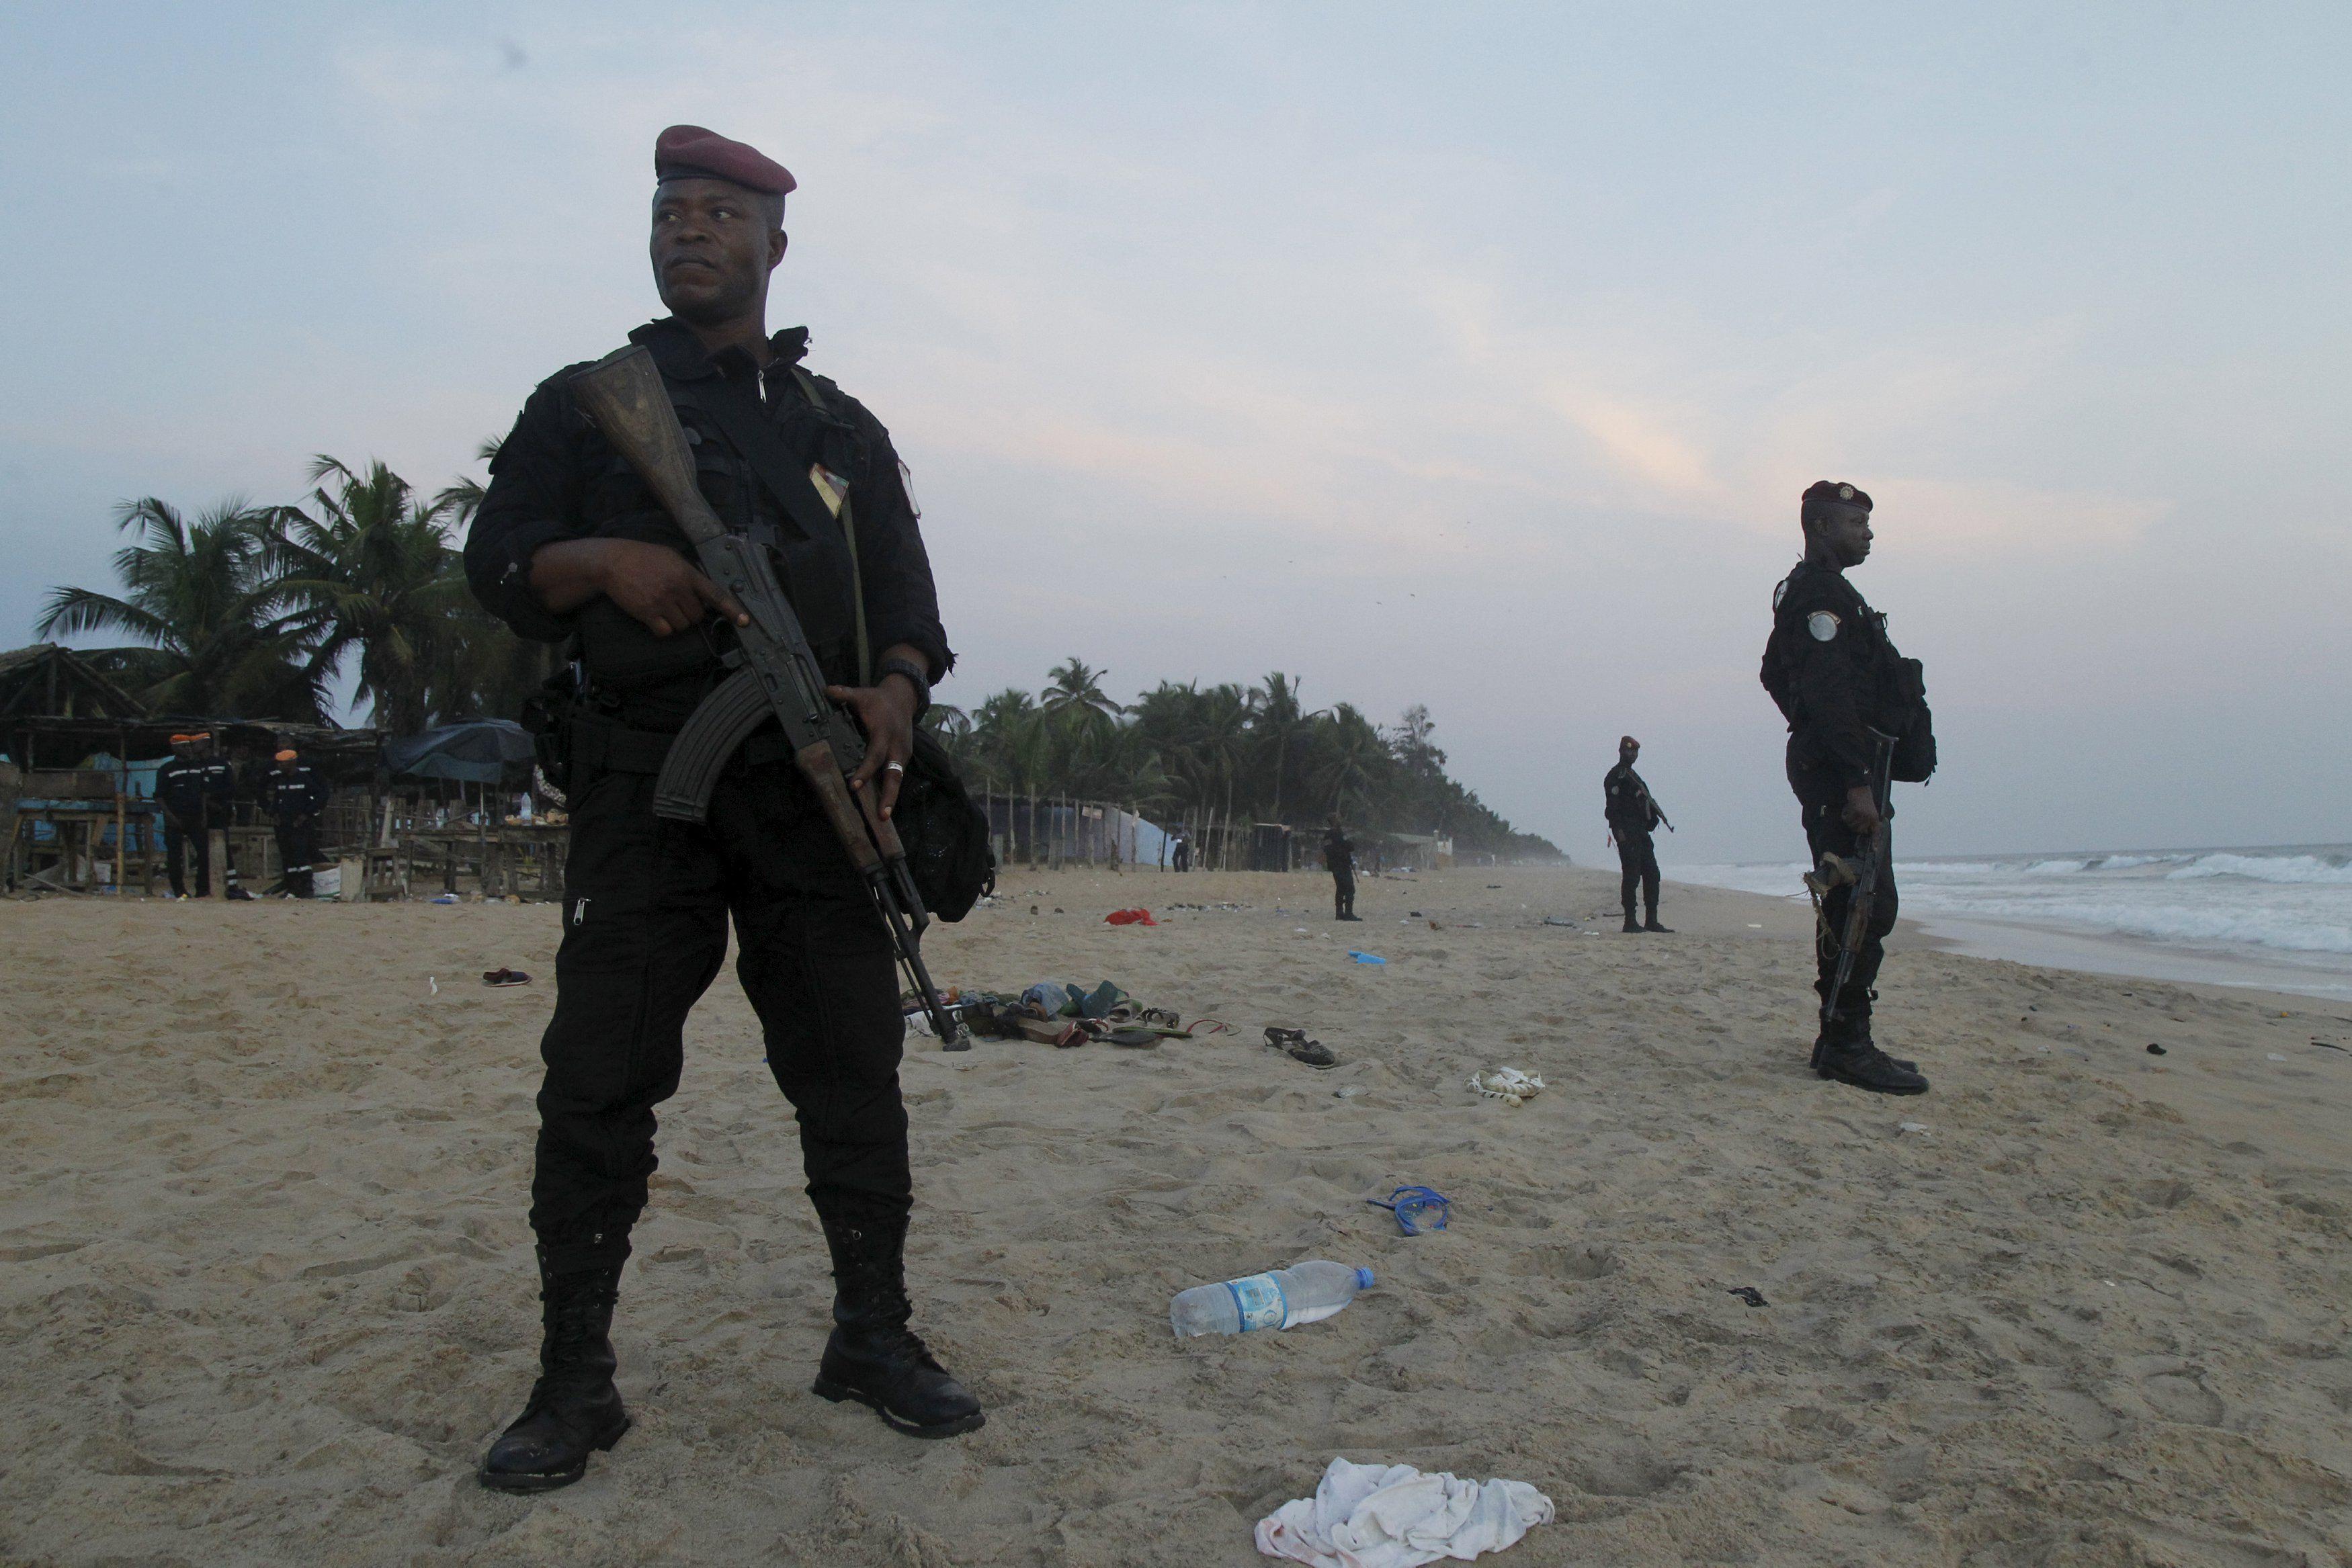 В Кот-д'Ивуаре ранена глава группы украинских миротворцев